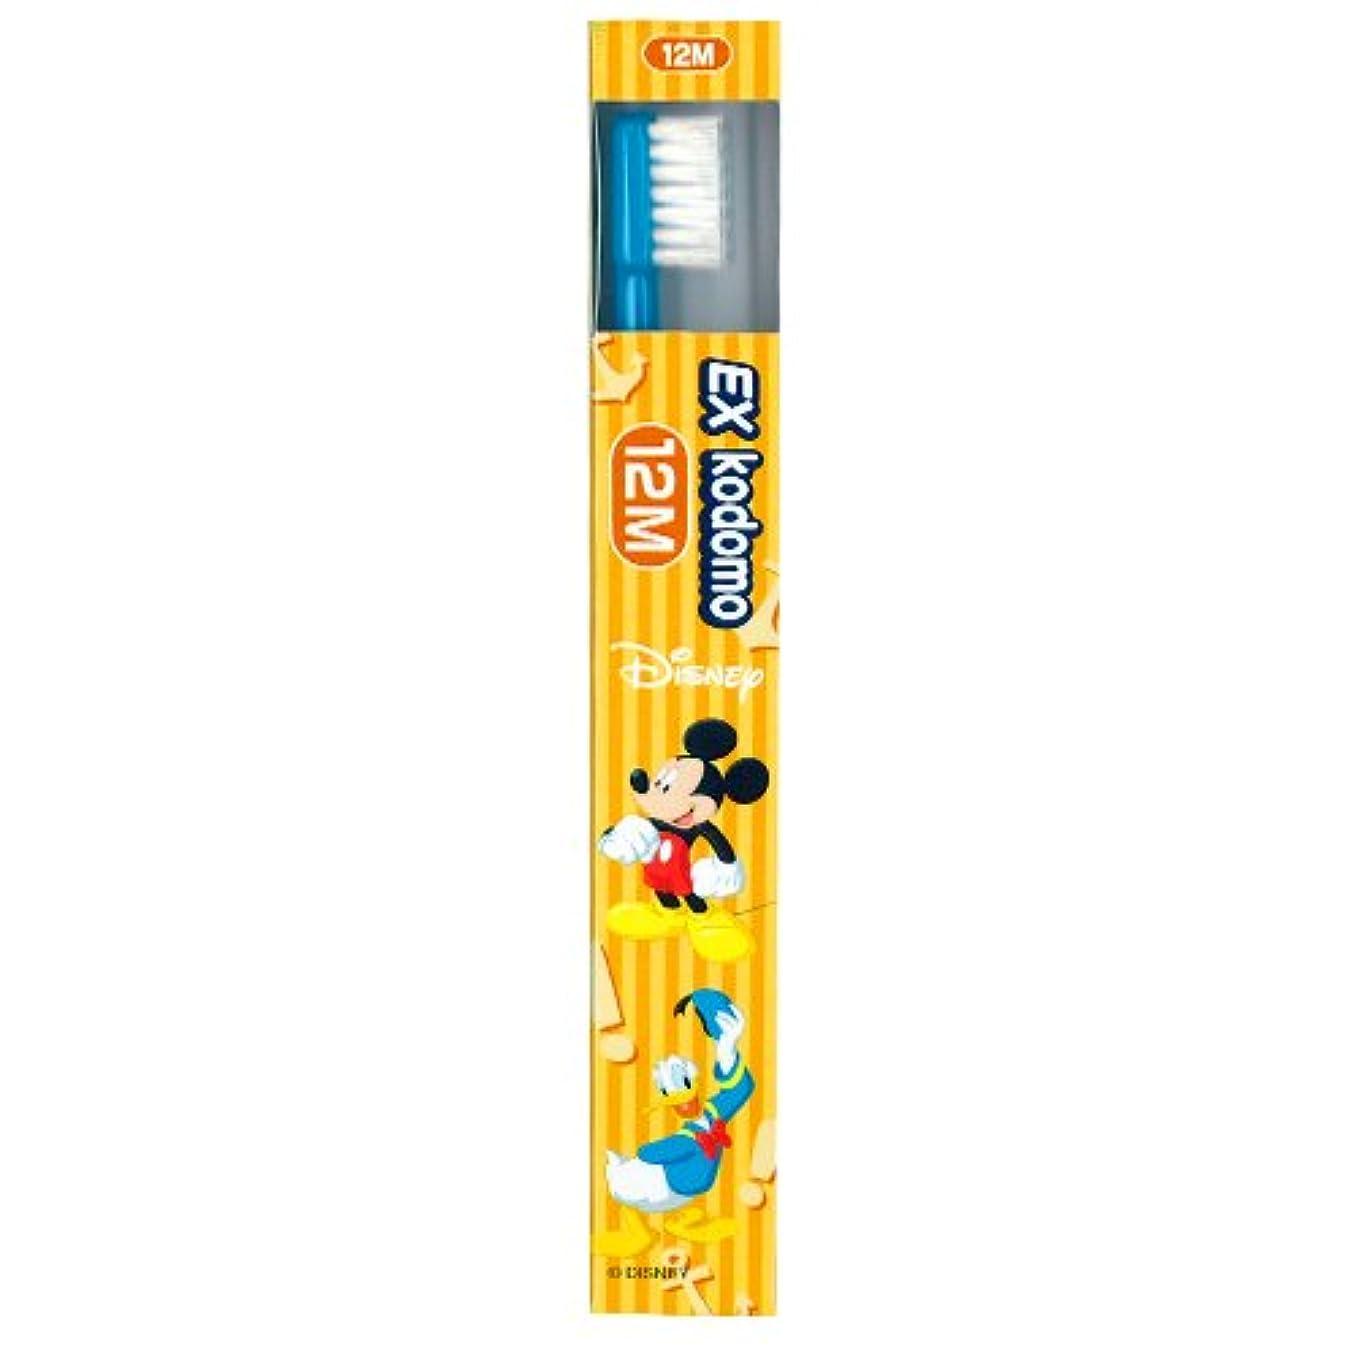 提案する夕方受け入れたライオン EX kodomo ディズニー 歯ブラシ 1本 12M ブルー